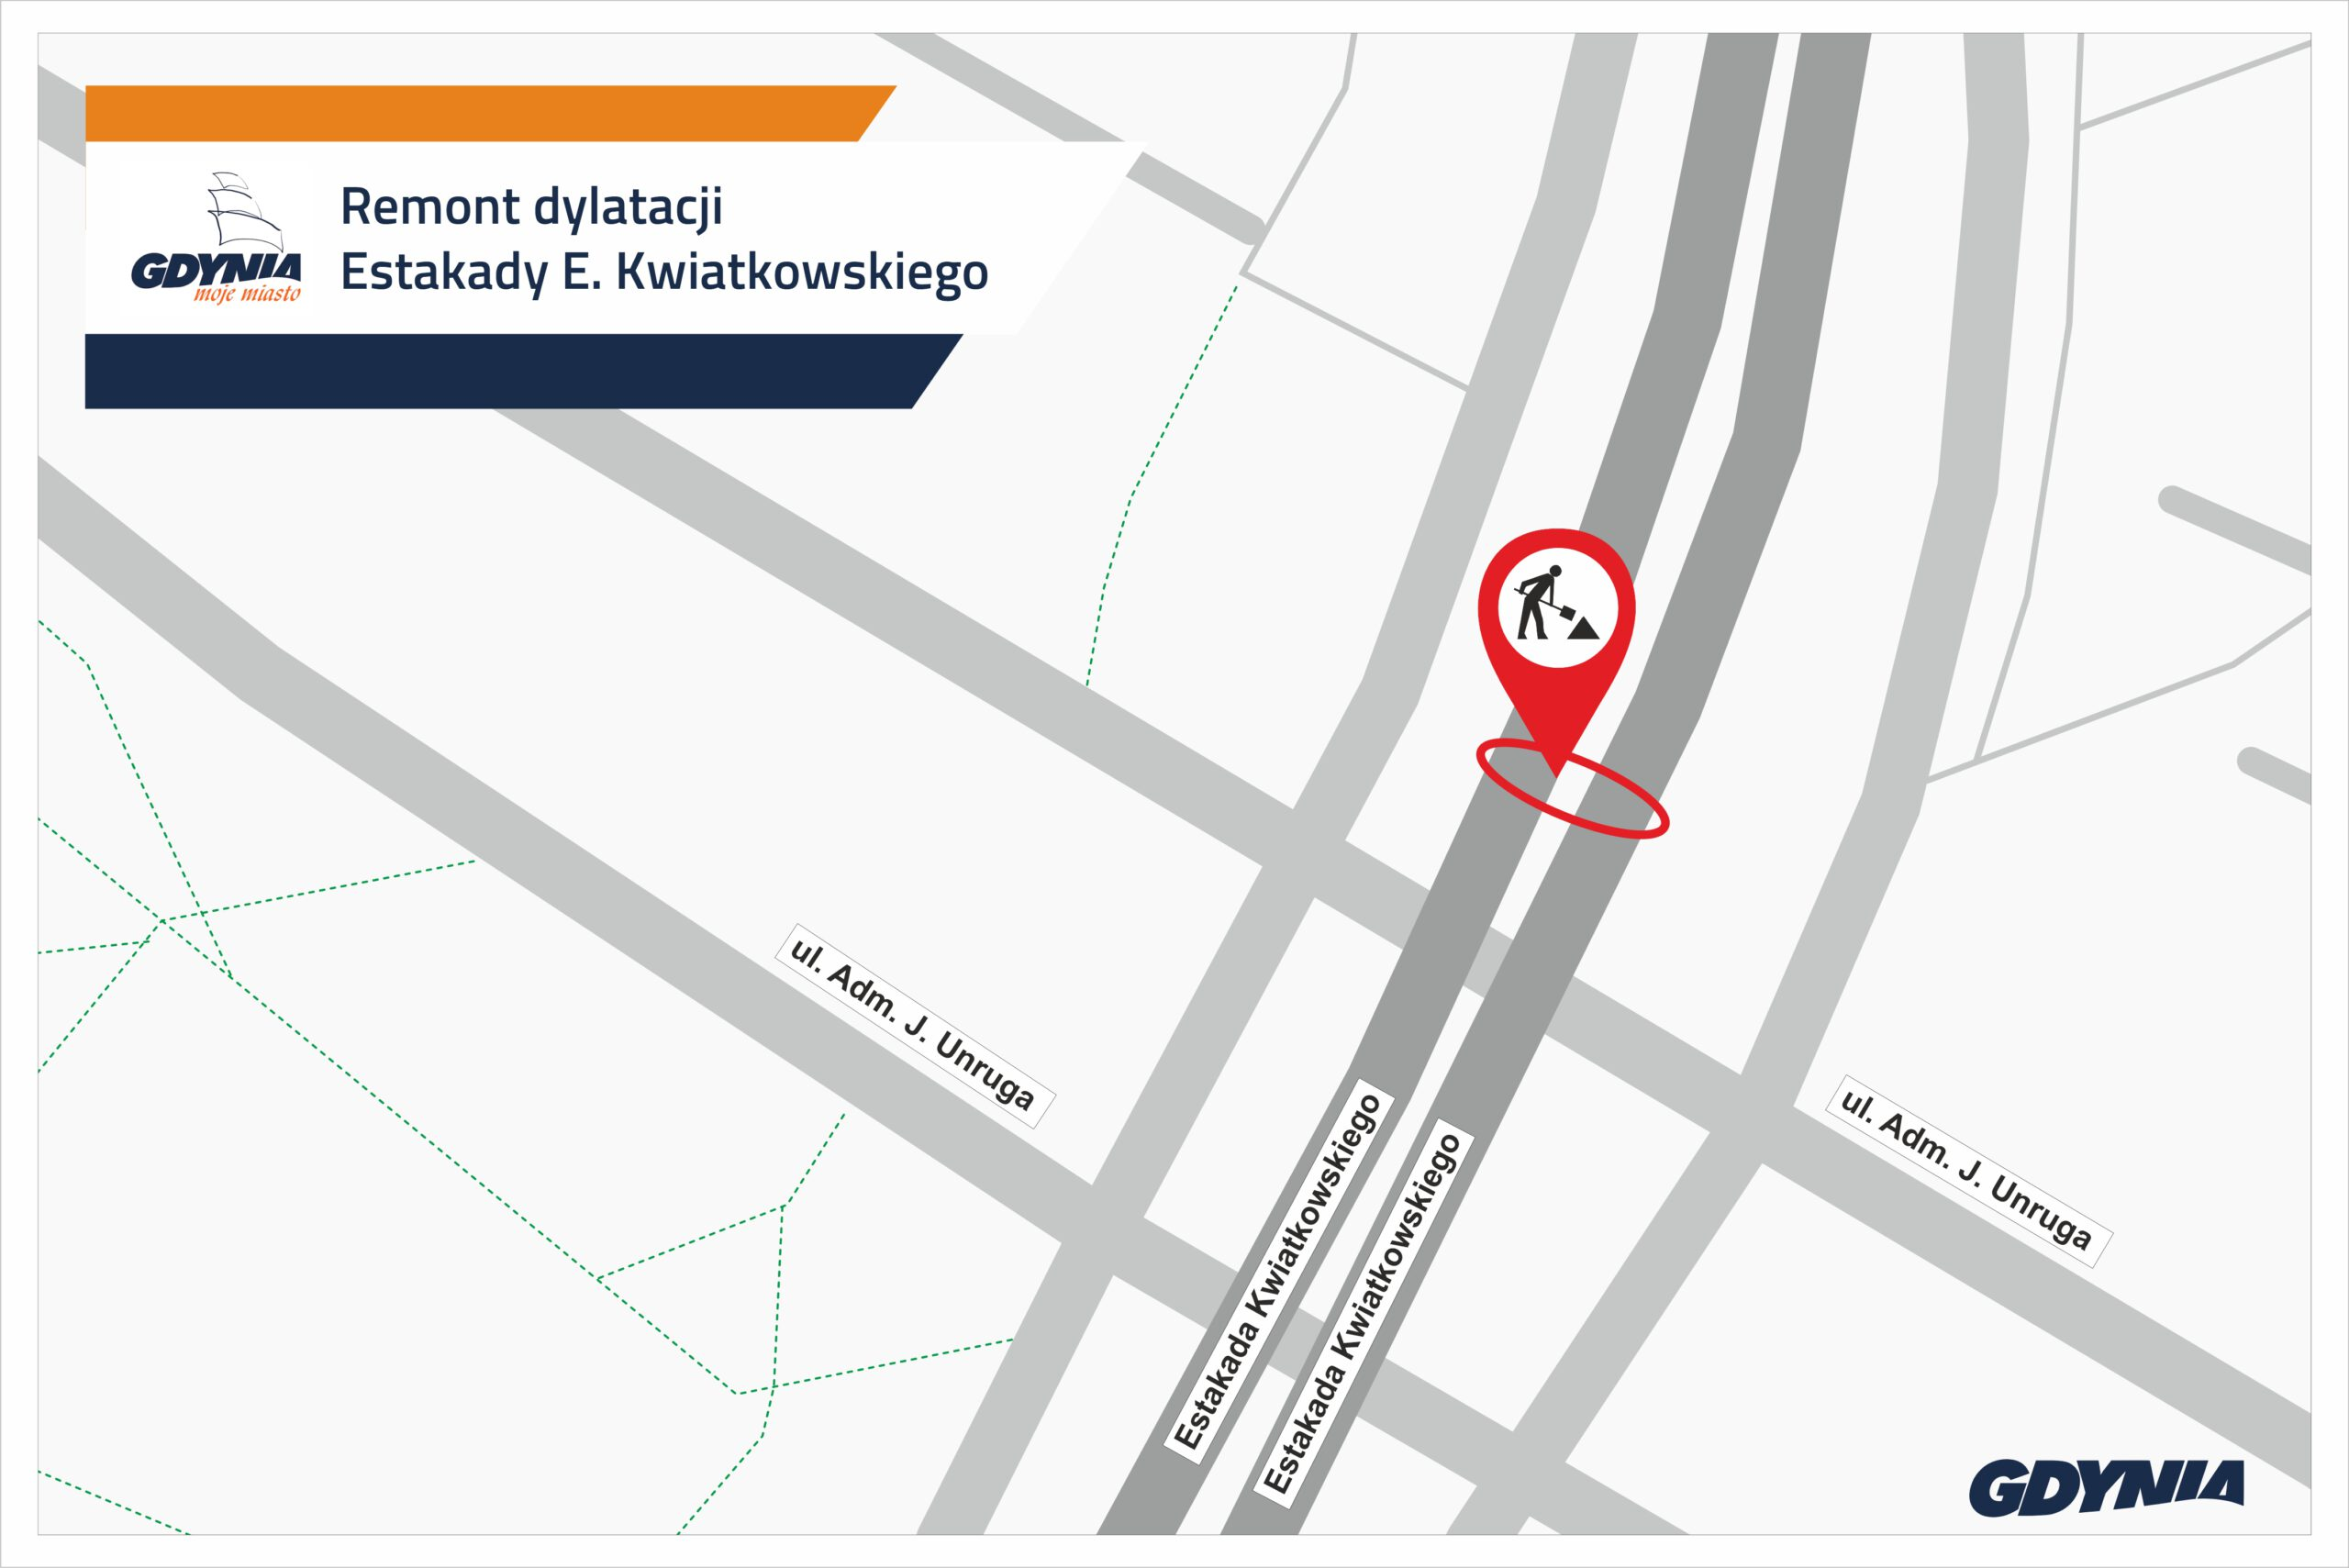 Mapka pokazuzjąca miejsce remontu dylatacji na estakadzie// mat.pras.